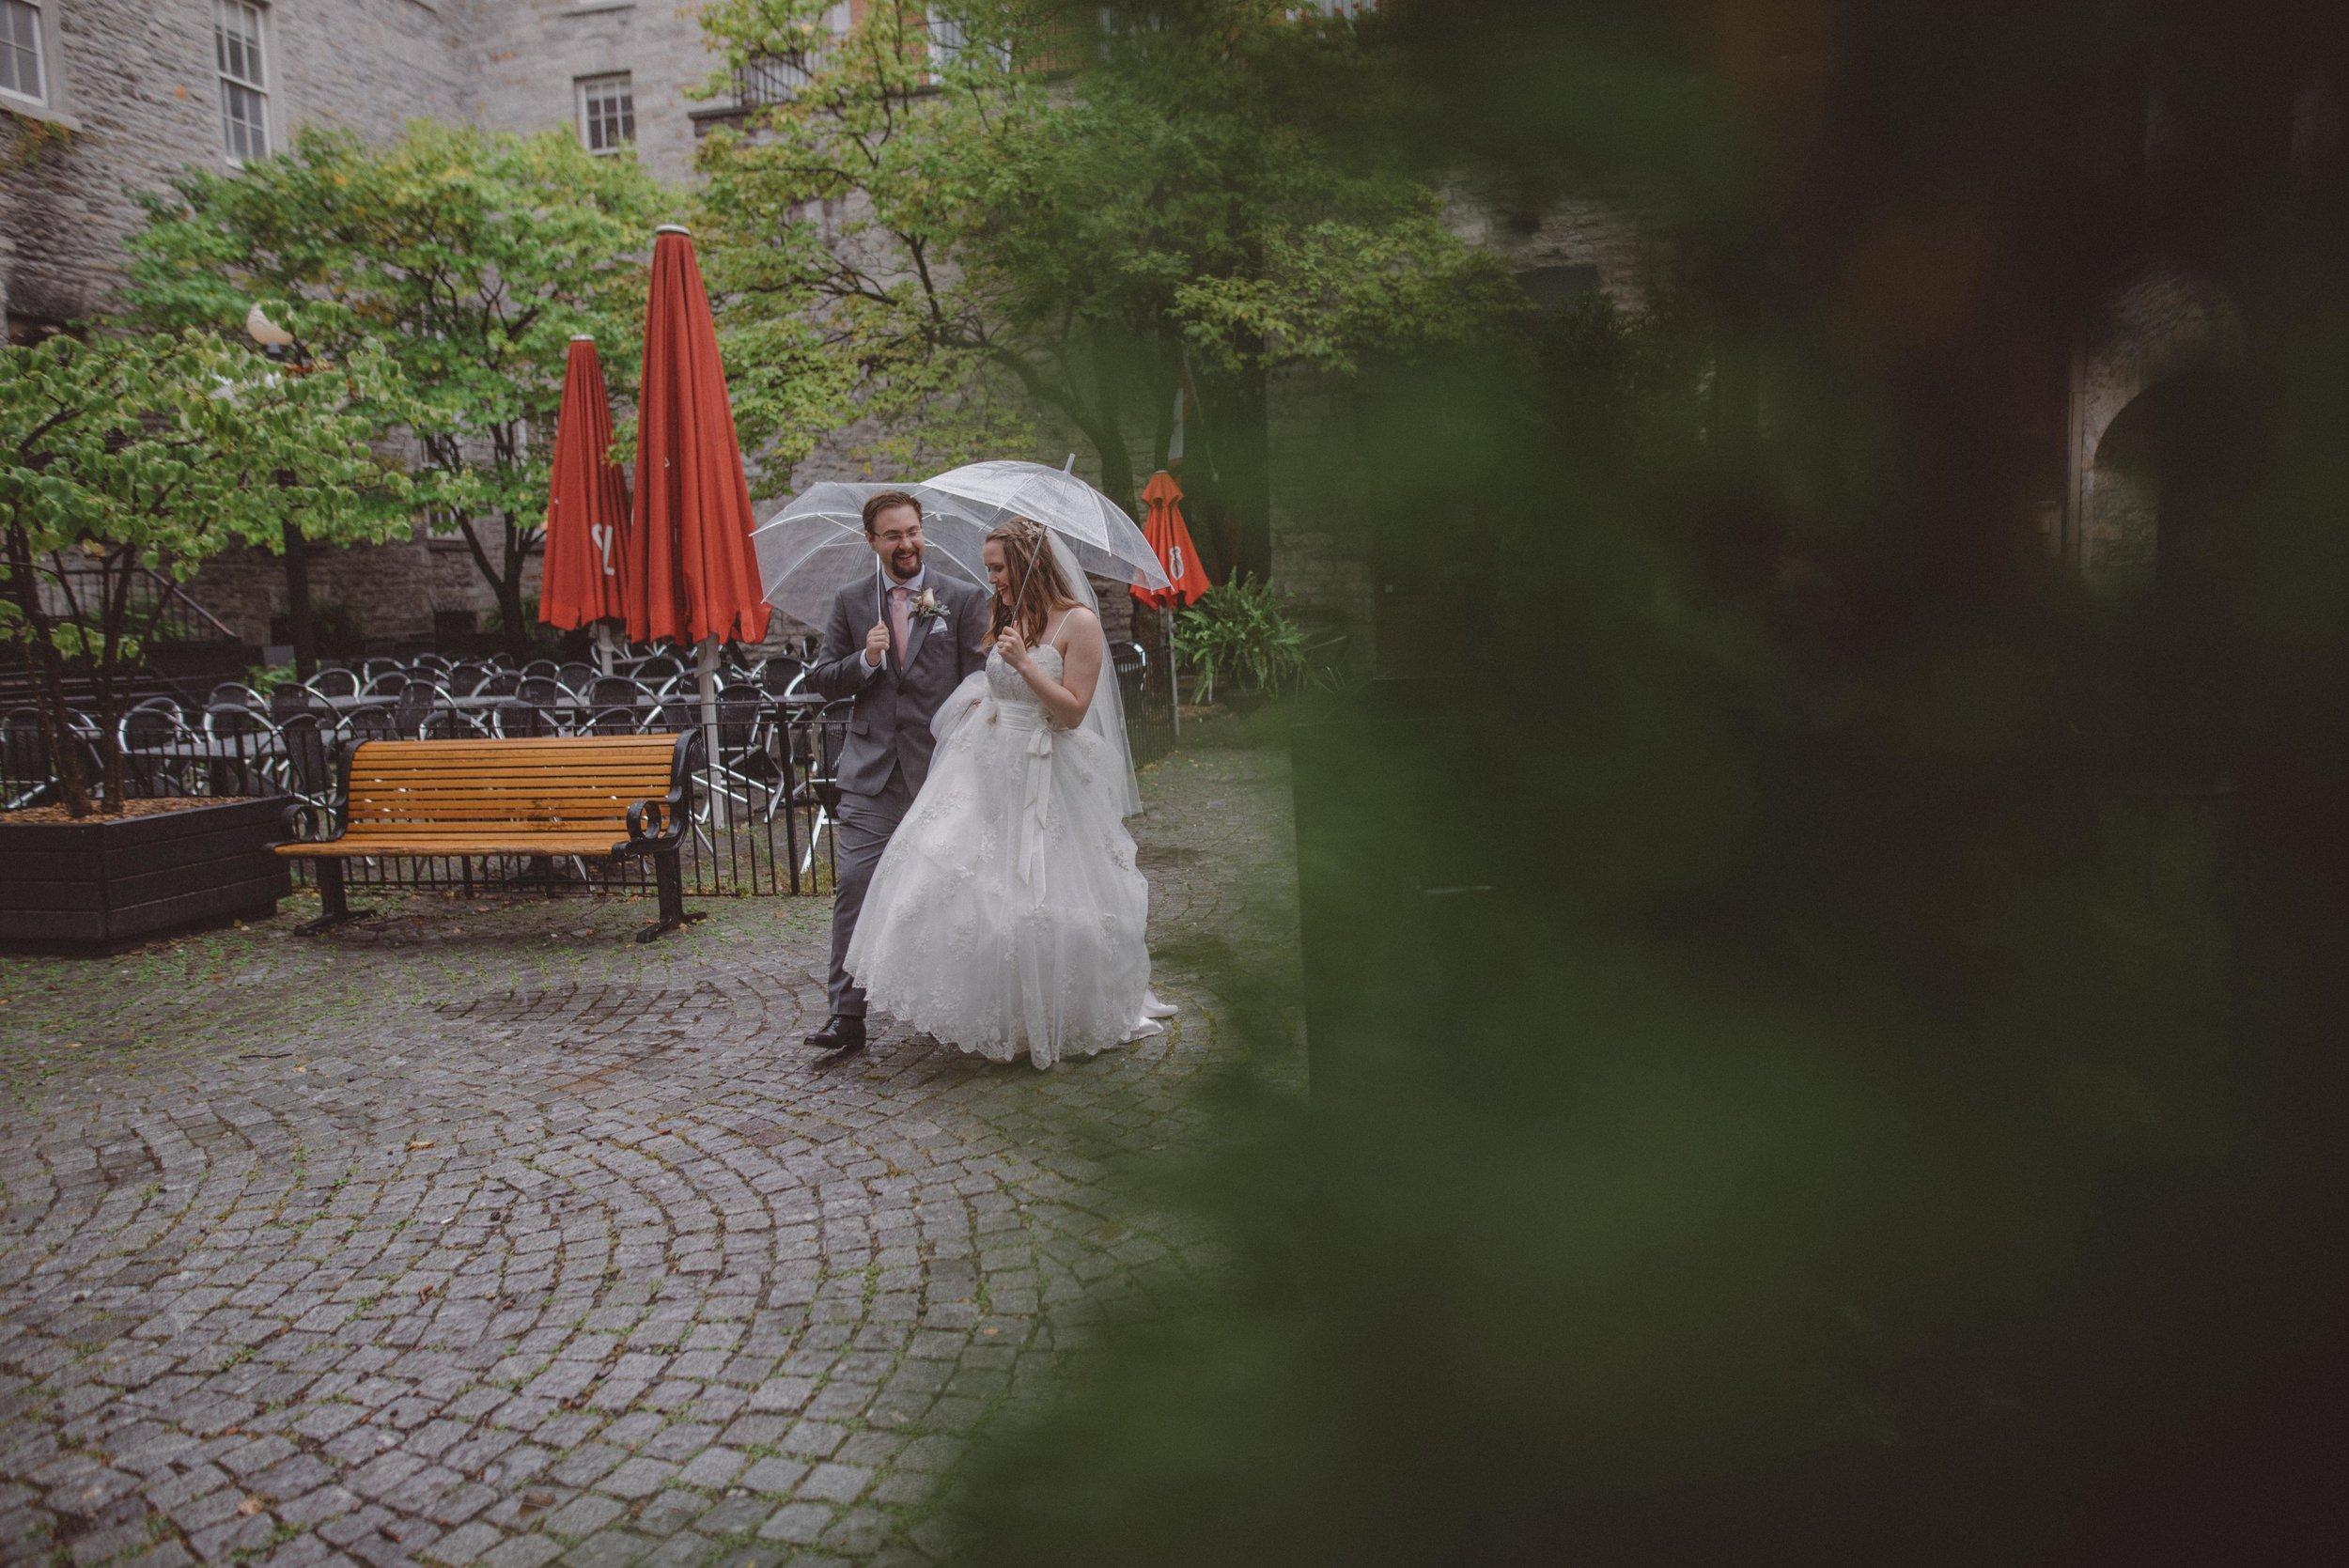 wedding_photographer_lifestyle_documentary_photographe_ottawa_gatineau-24.jpg